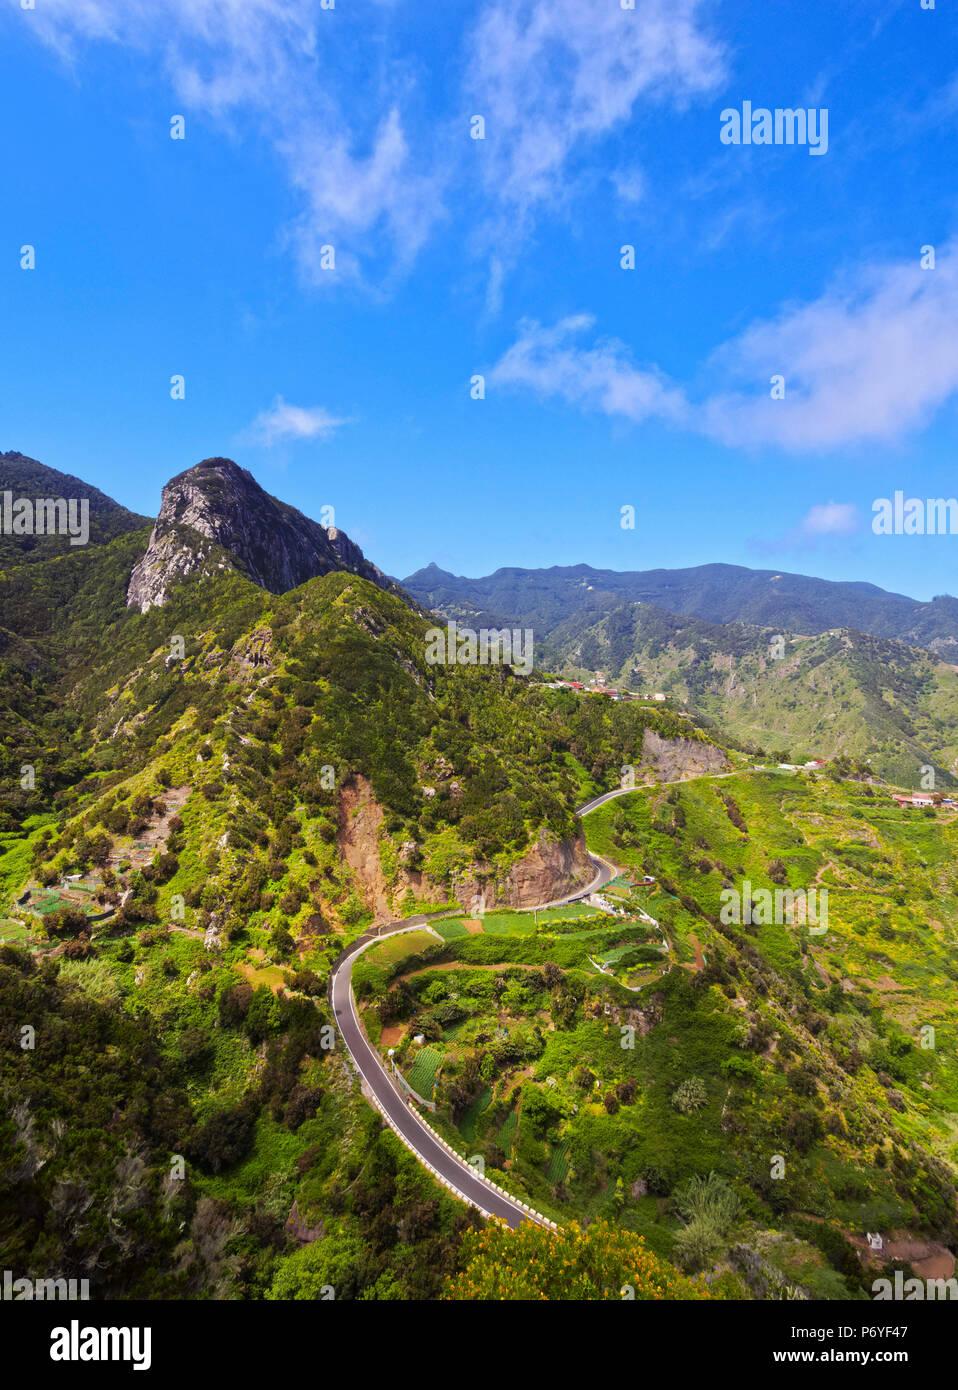 Spanien, Kanarische Inseln, Teneriffa, Afur, kurvige Straße in ländlichen Anaga Park. Stockfoto